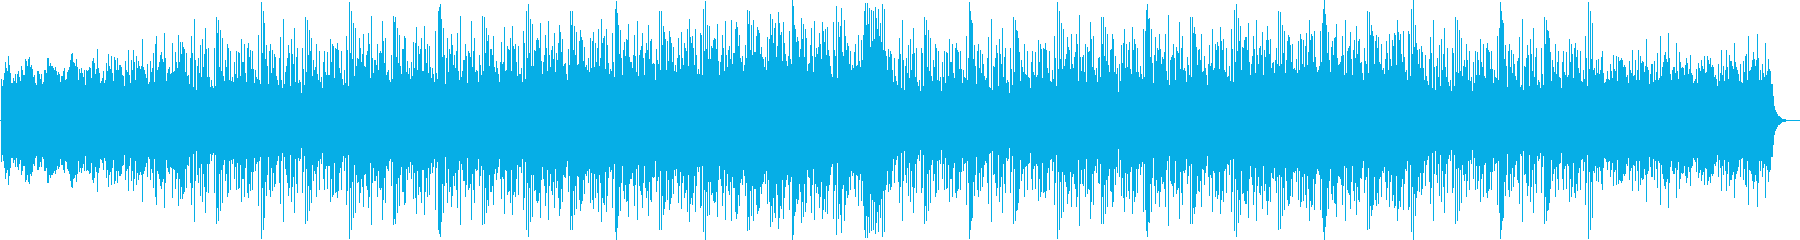 緊迫感があるシリアス曲の再生済みの波形